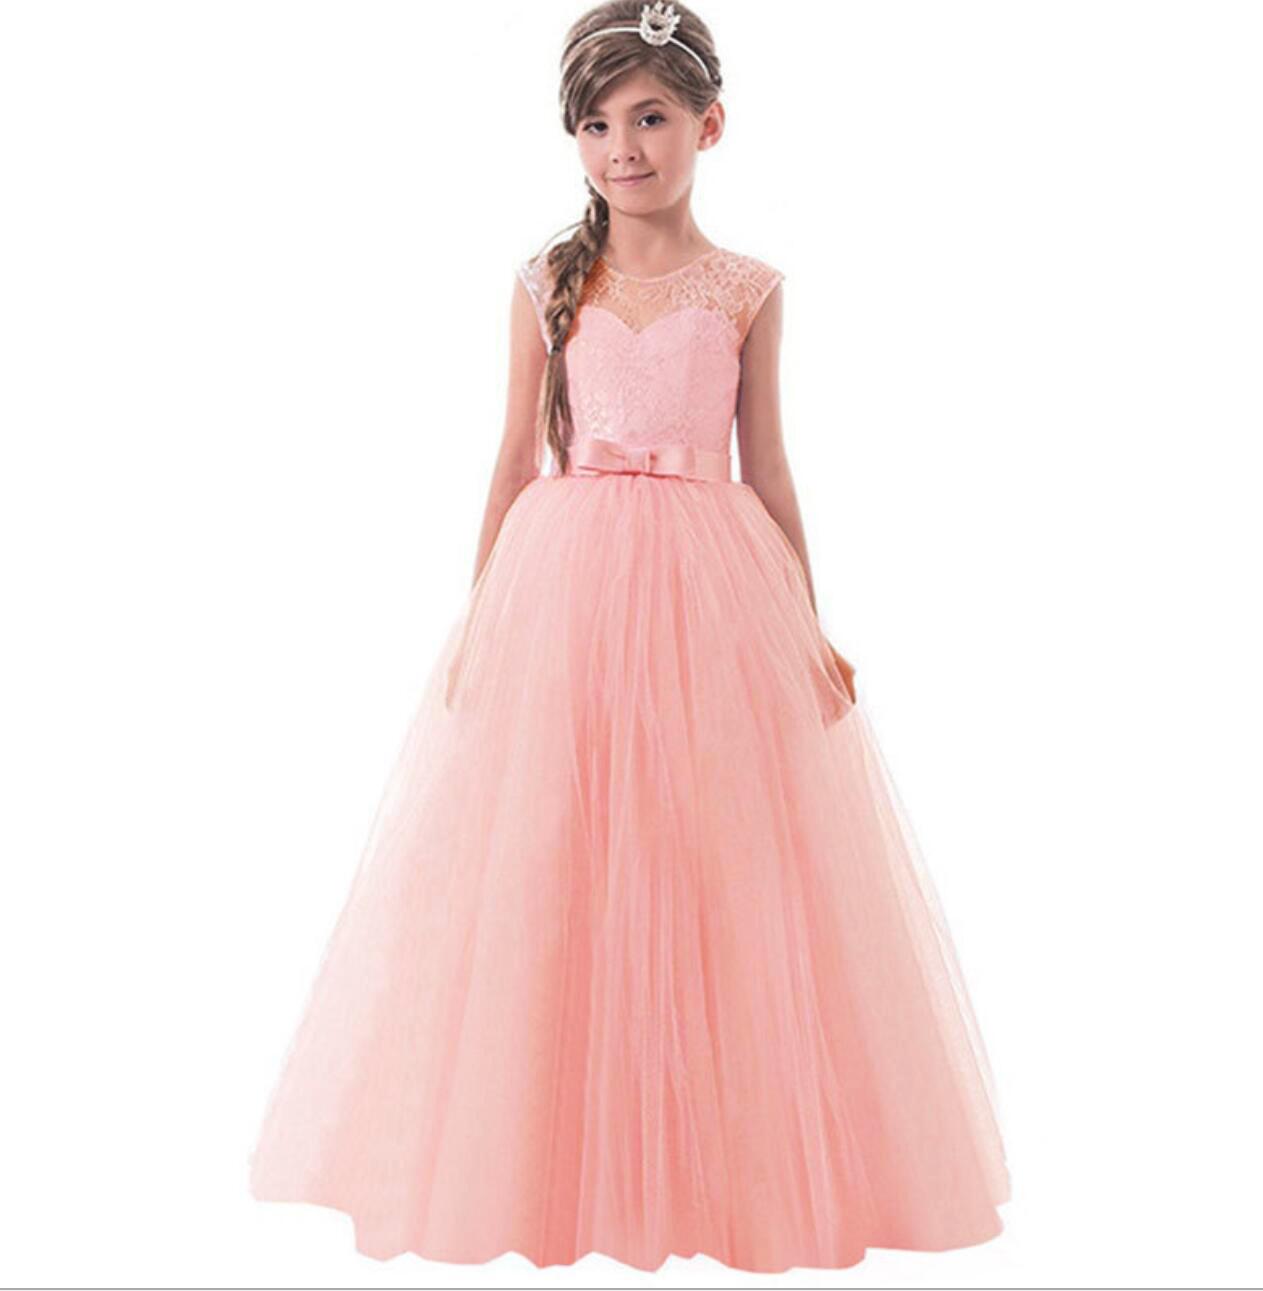 Meisjeskleding Meisjes Feestjurk Olivia - roze / zalmroze